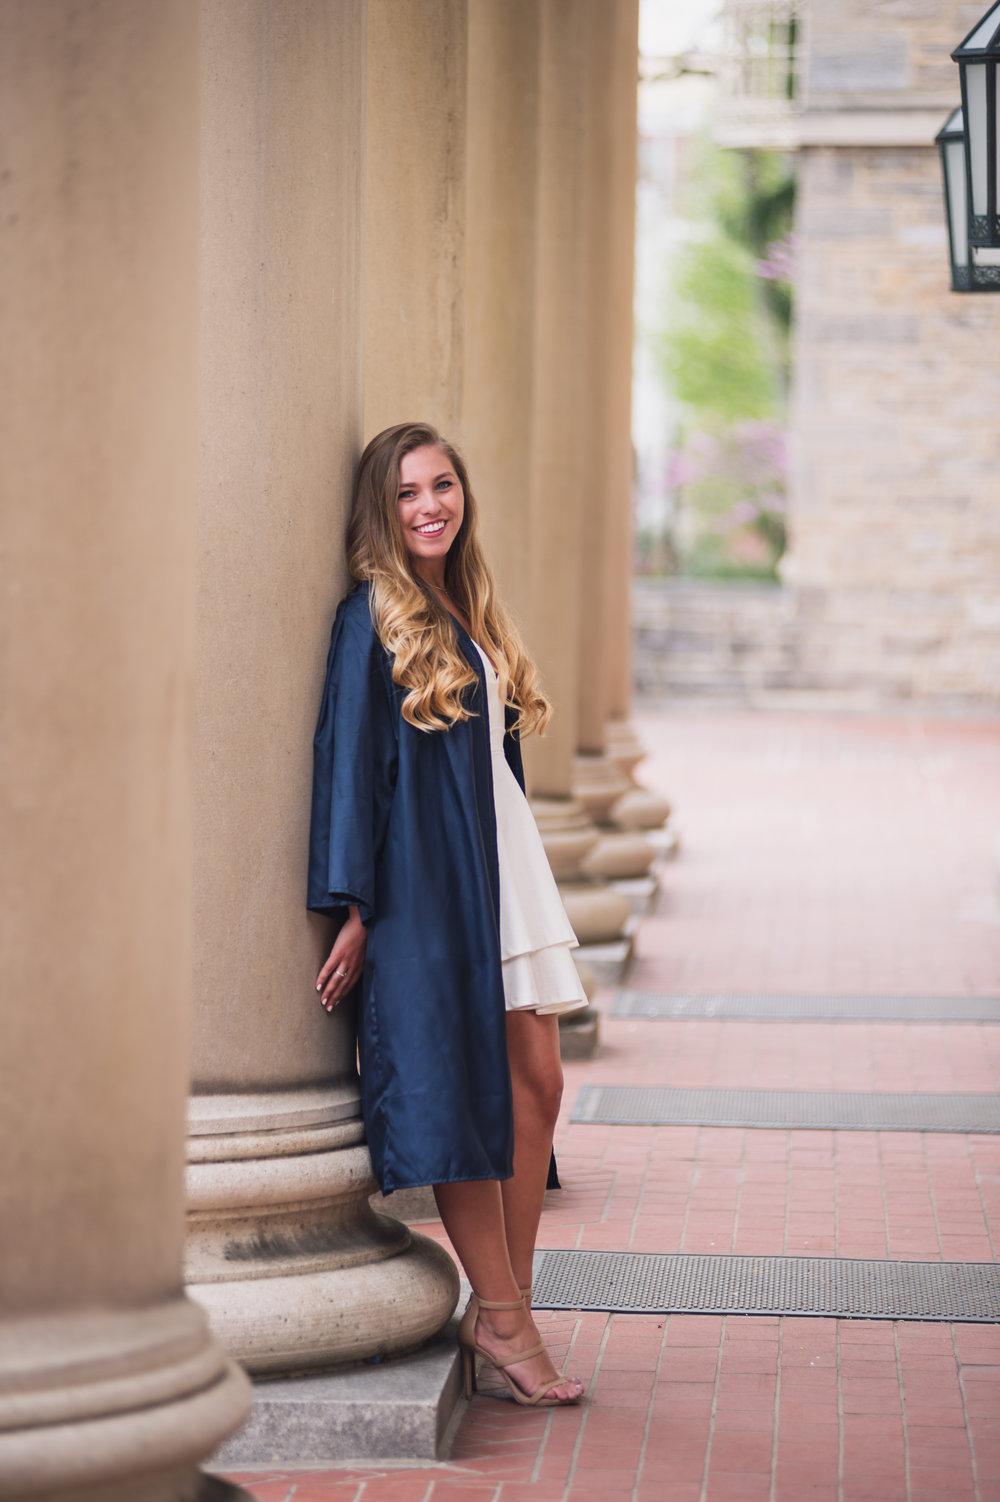 Graduation_Amanda_Linn-65.JPG